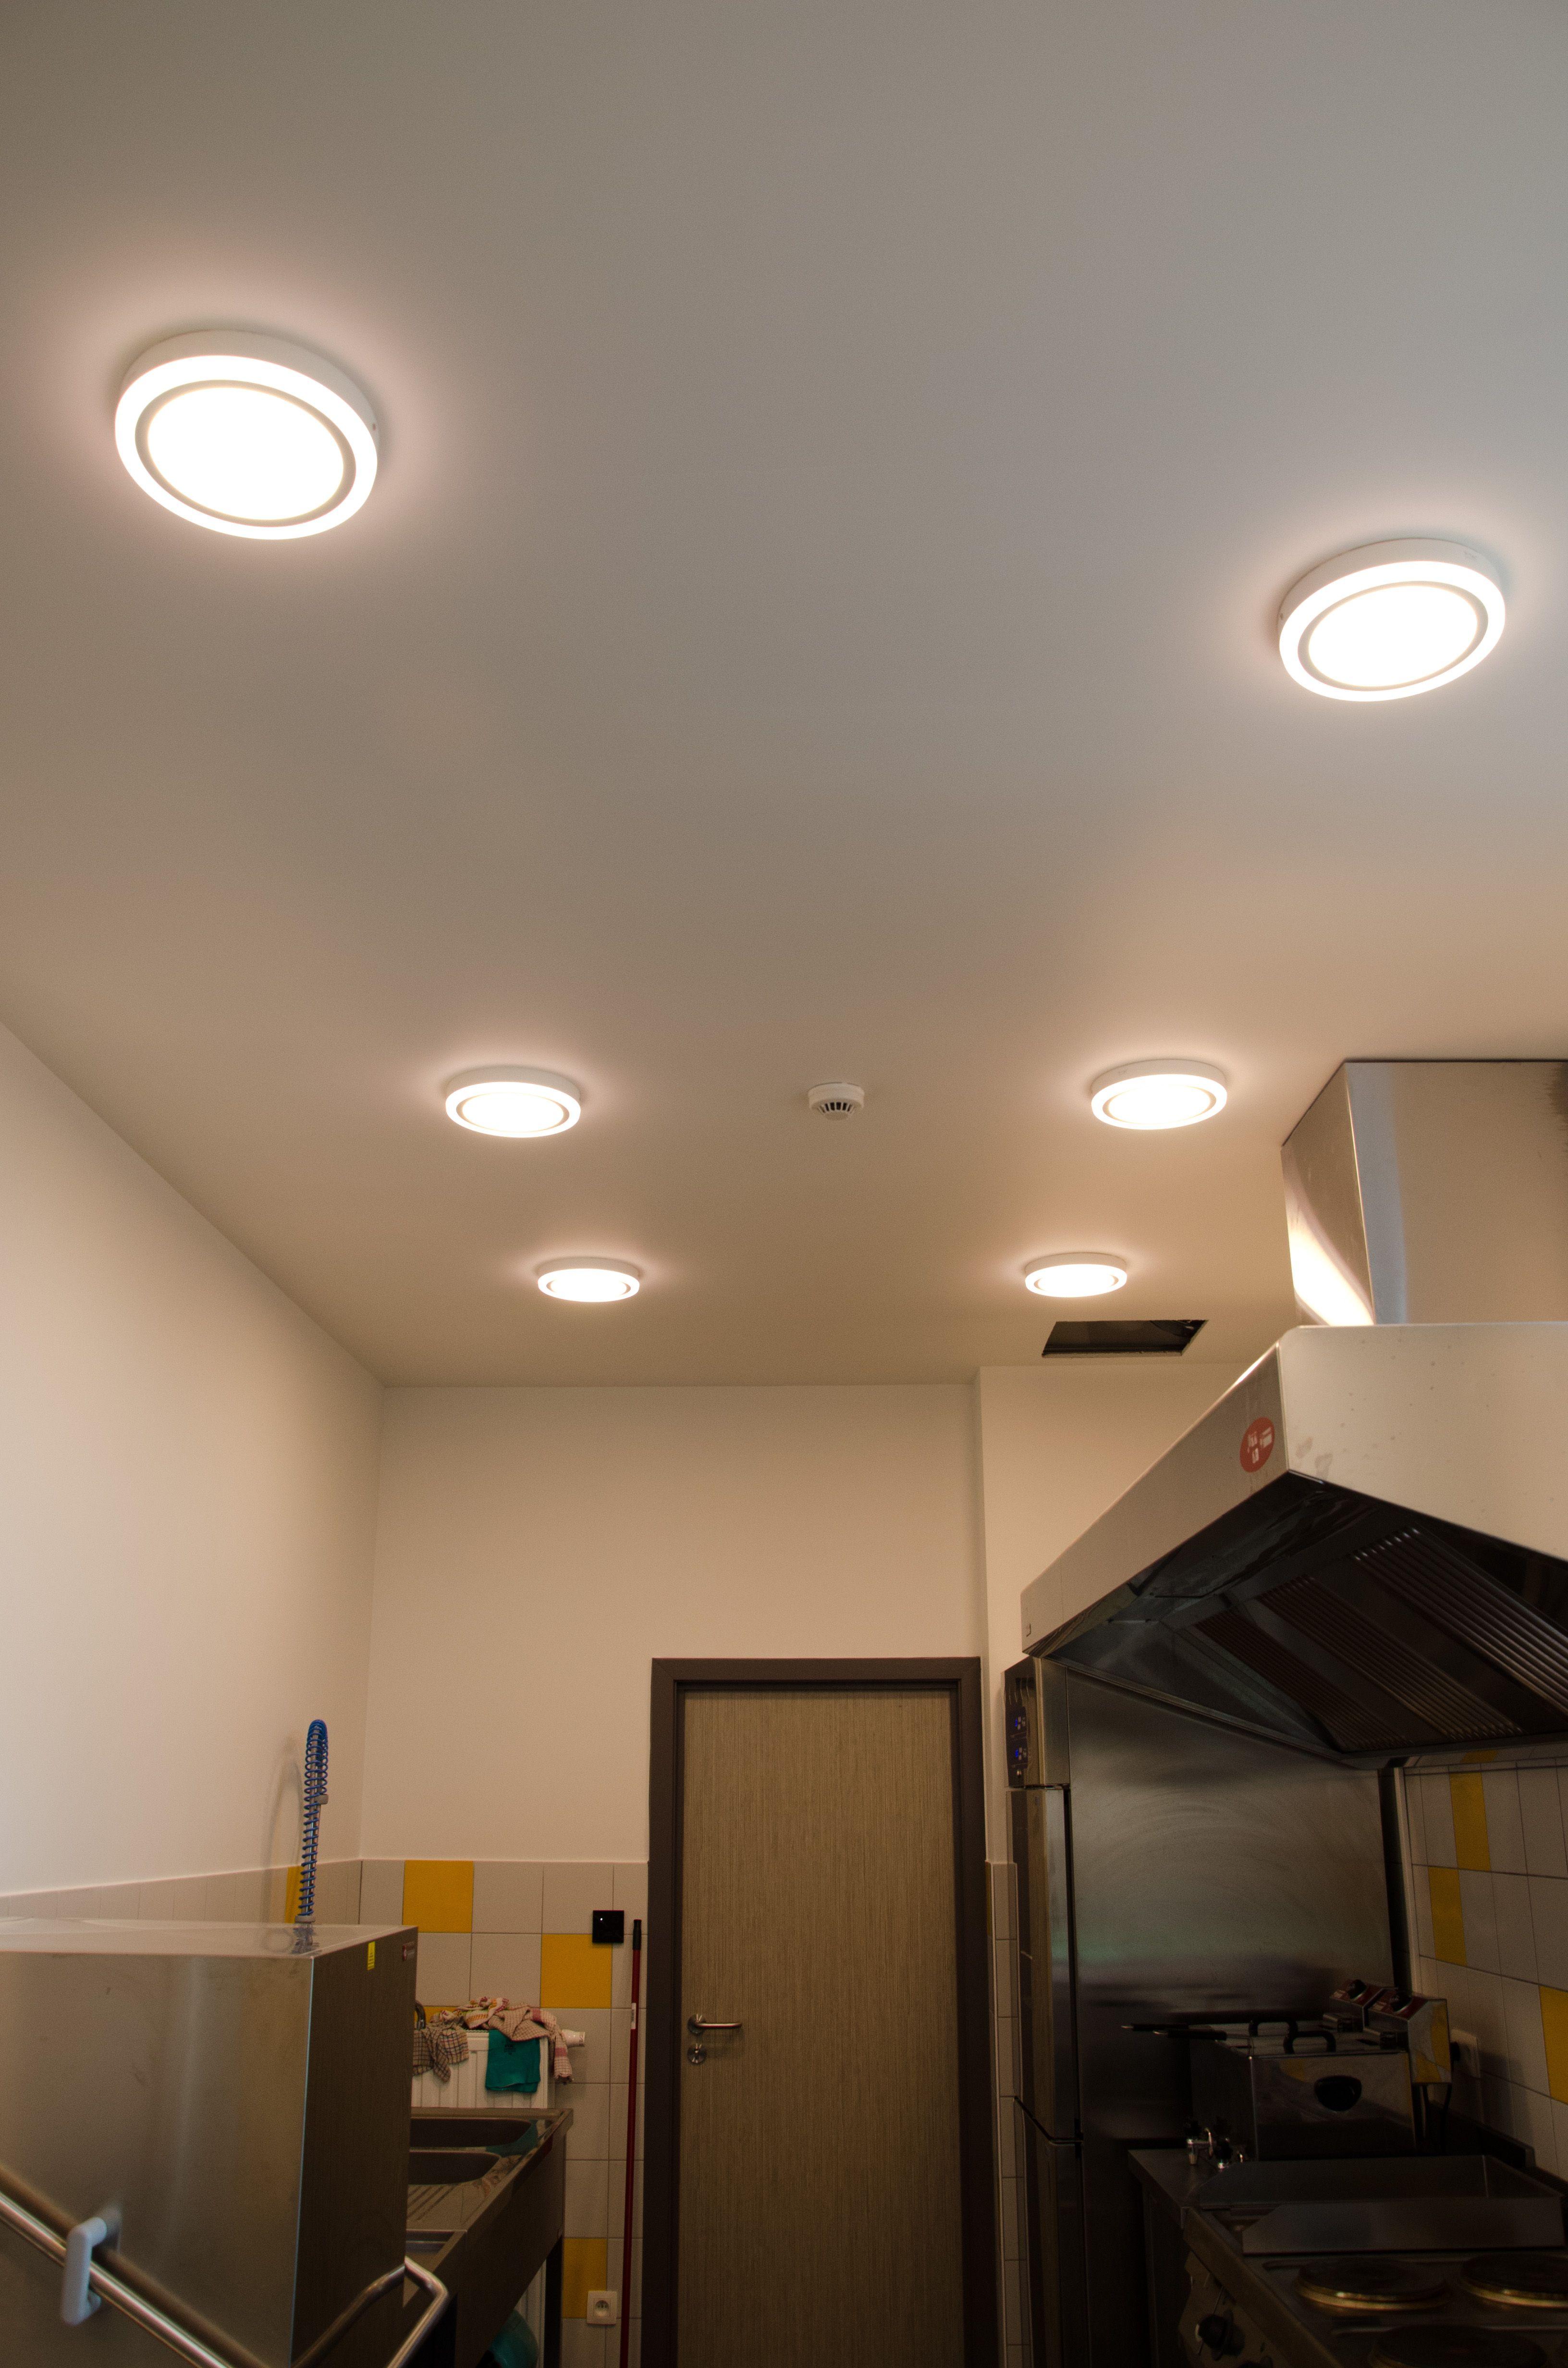 Opbouwverlichting LED rond voor keuken, berging,slaapkamers, gang ...